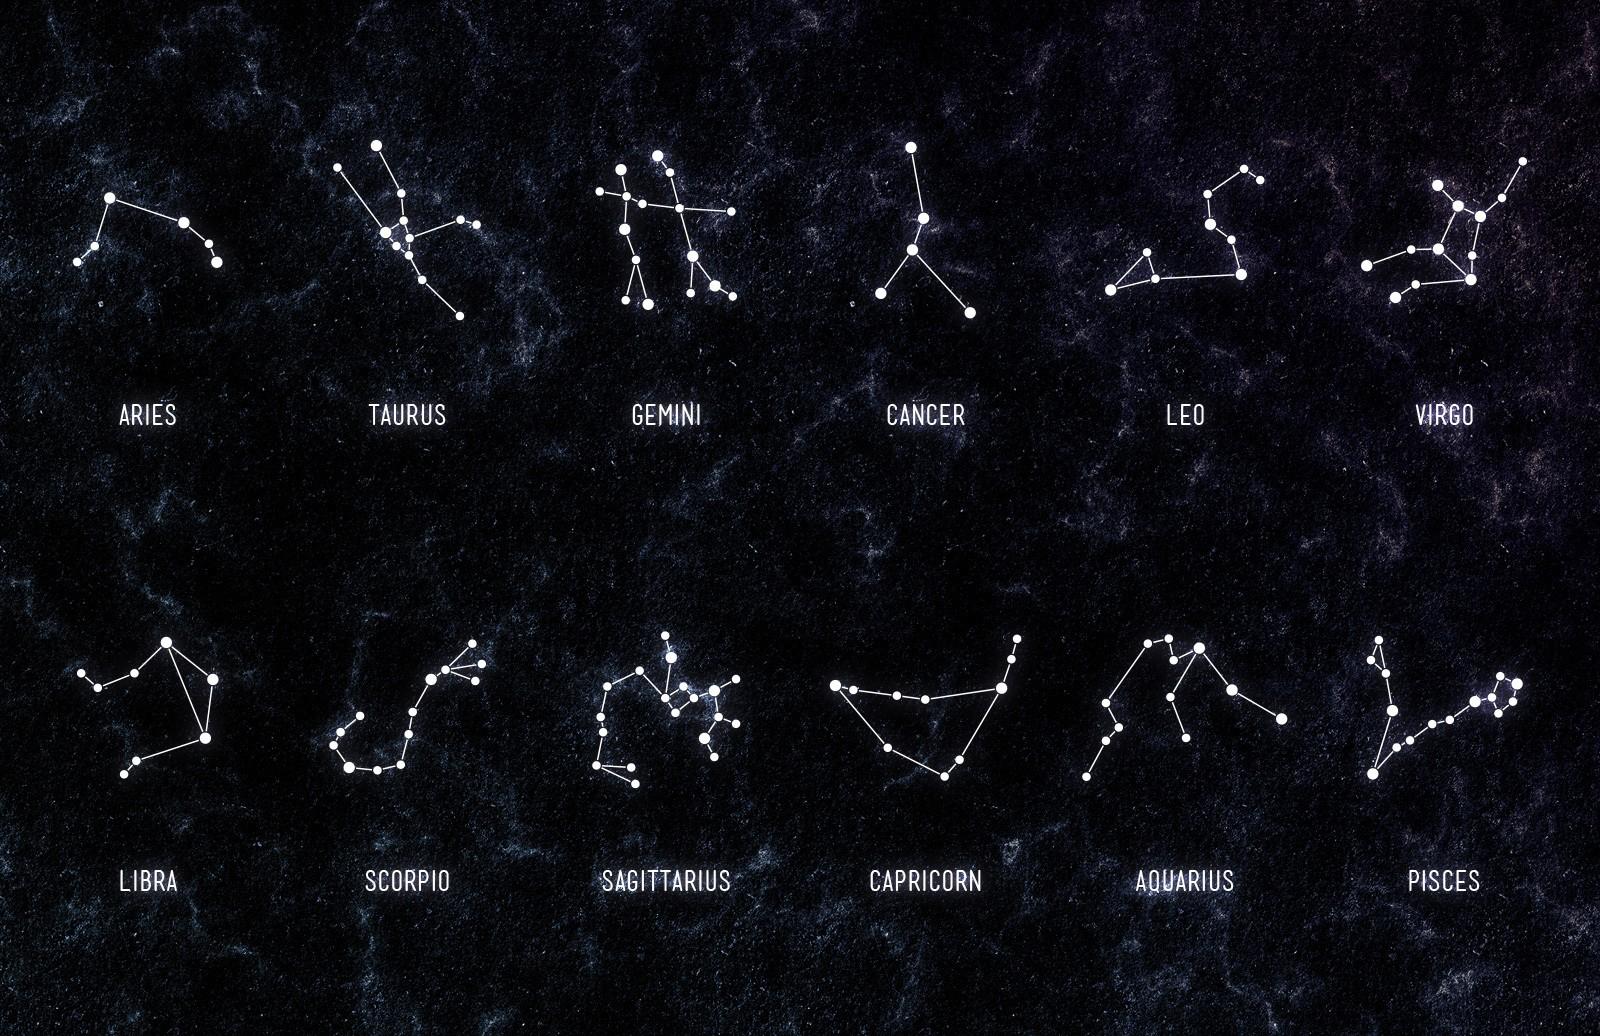 十二星座矢量